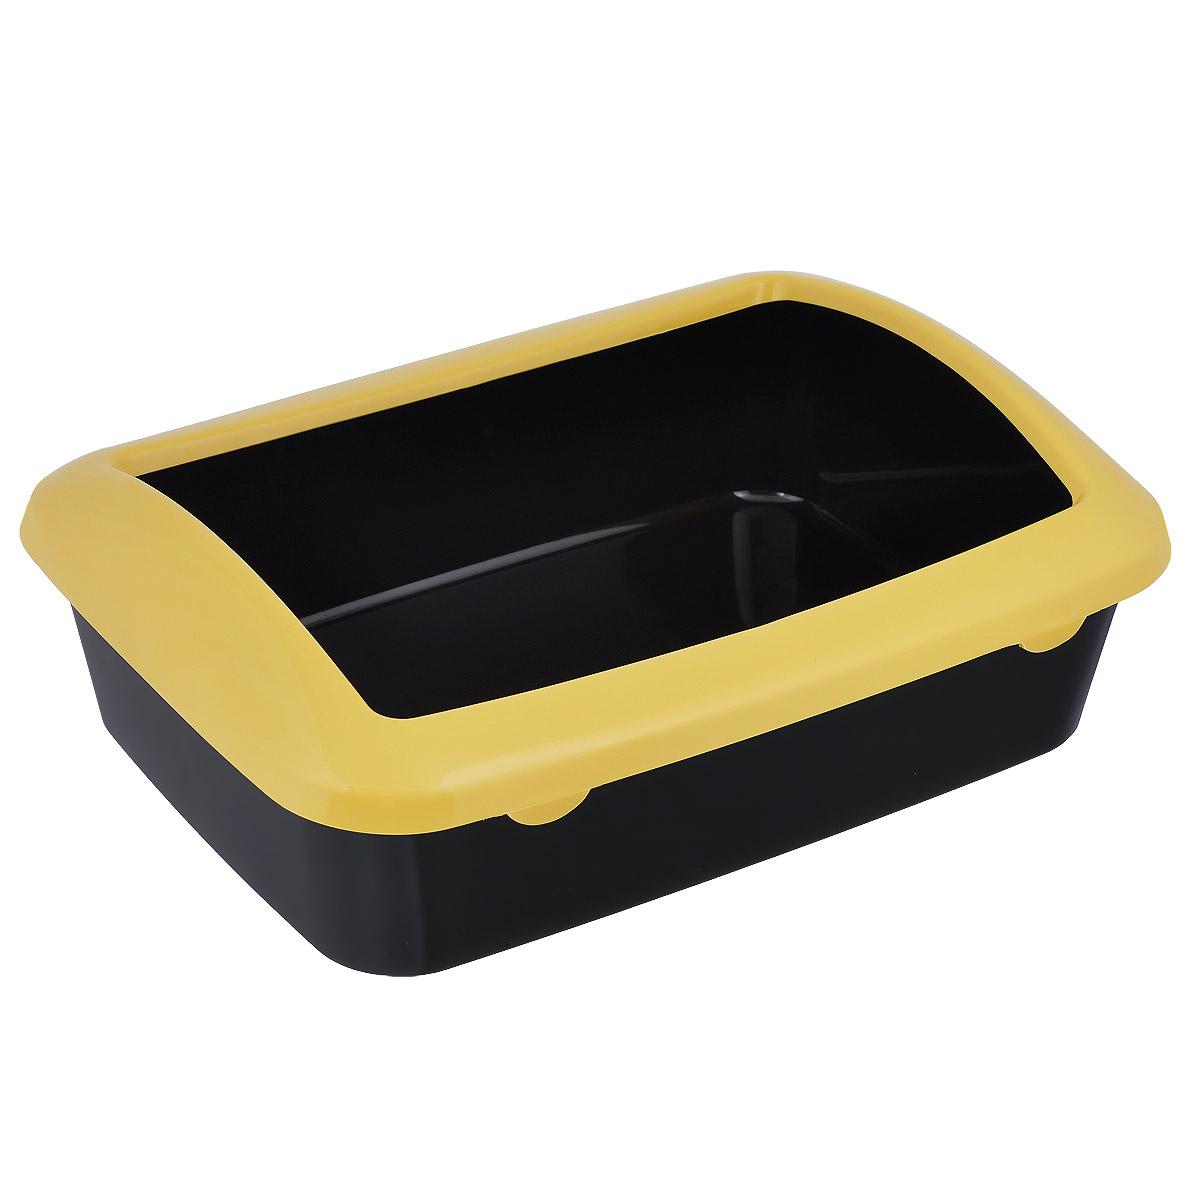 Туалет для кошек Triol, с бортом, цвет: черный, желтый, 42 х 30 х 14,5 см игрушка triol столбик и туннель цвет кремовый коричневый 24 х 21 х 23 см